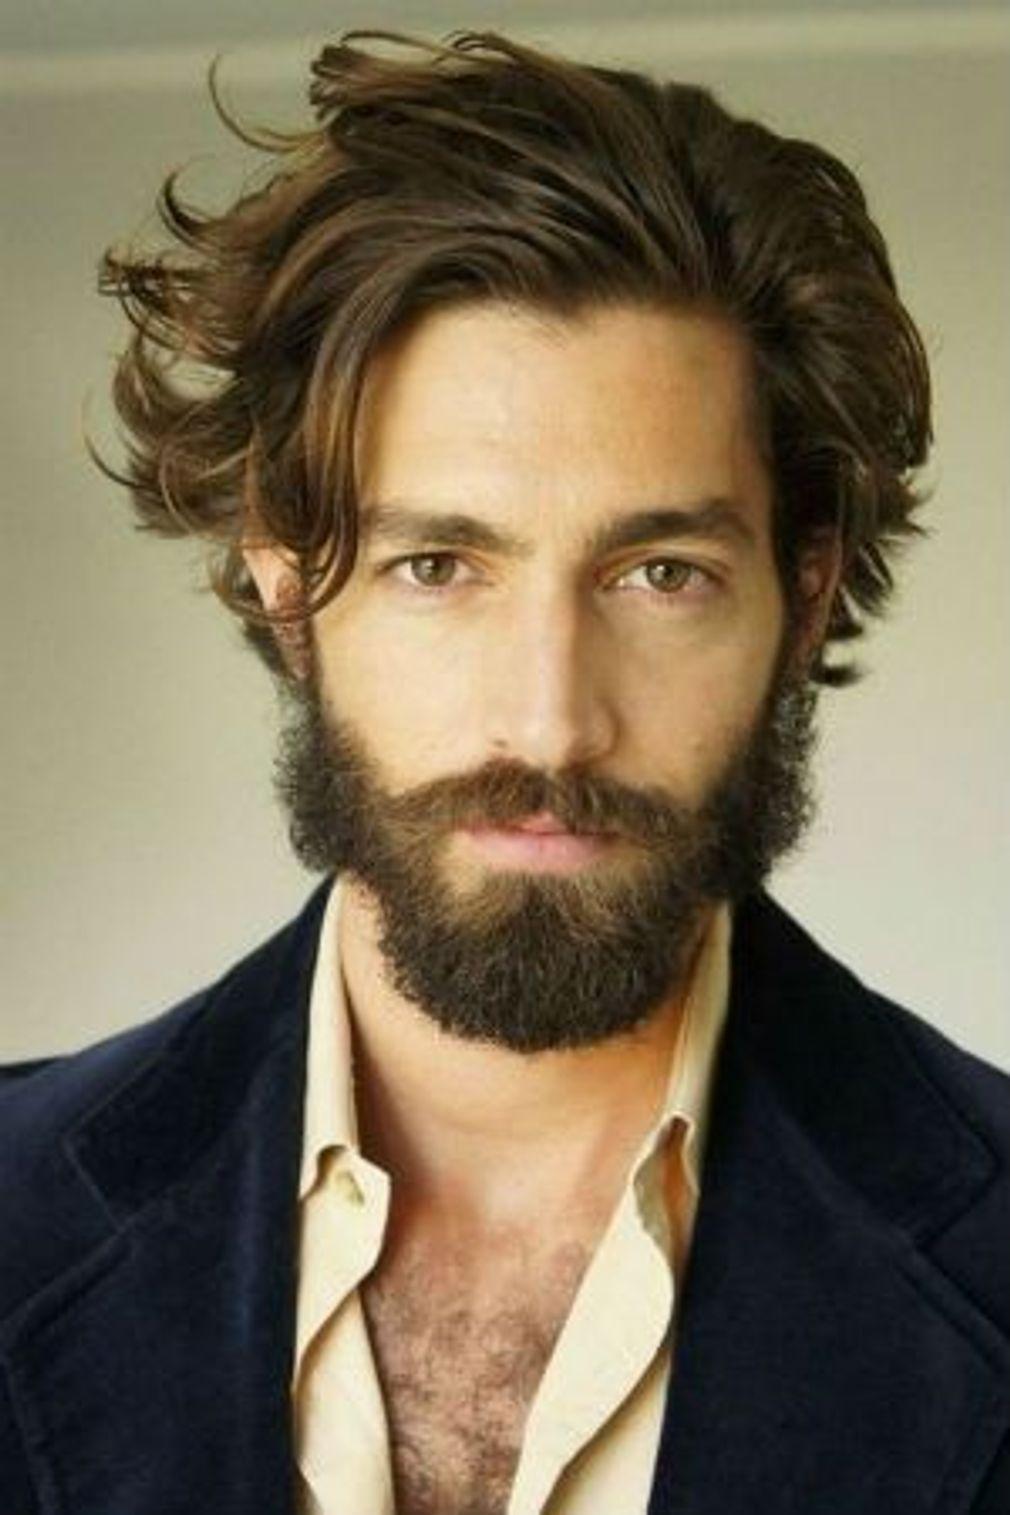 Coiffure Longue Homme Coiffure Homme Cheveux Mi Longs Coiffure Homme Coiffure Homme Mi Long